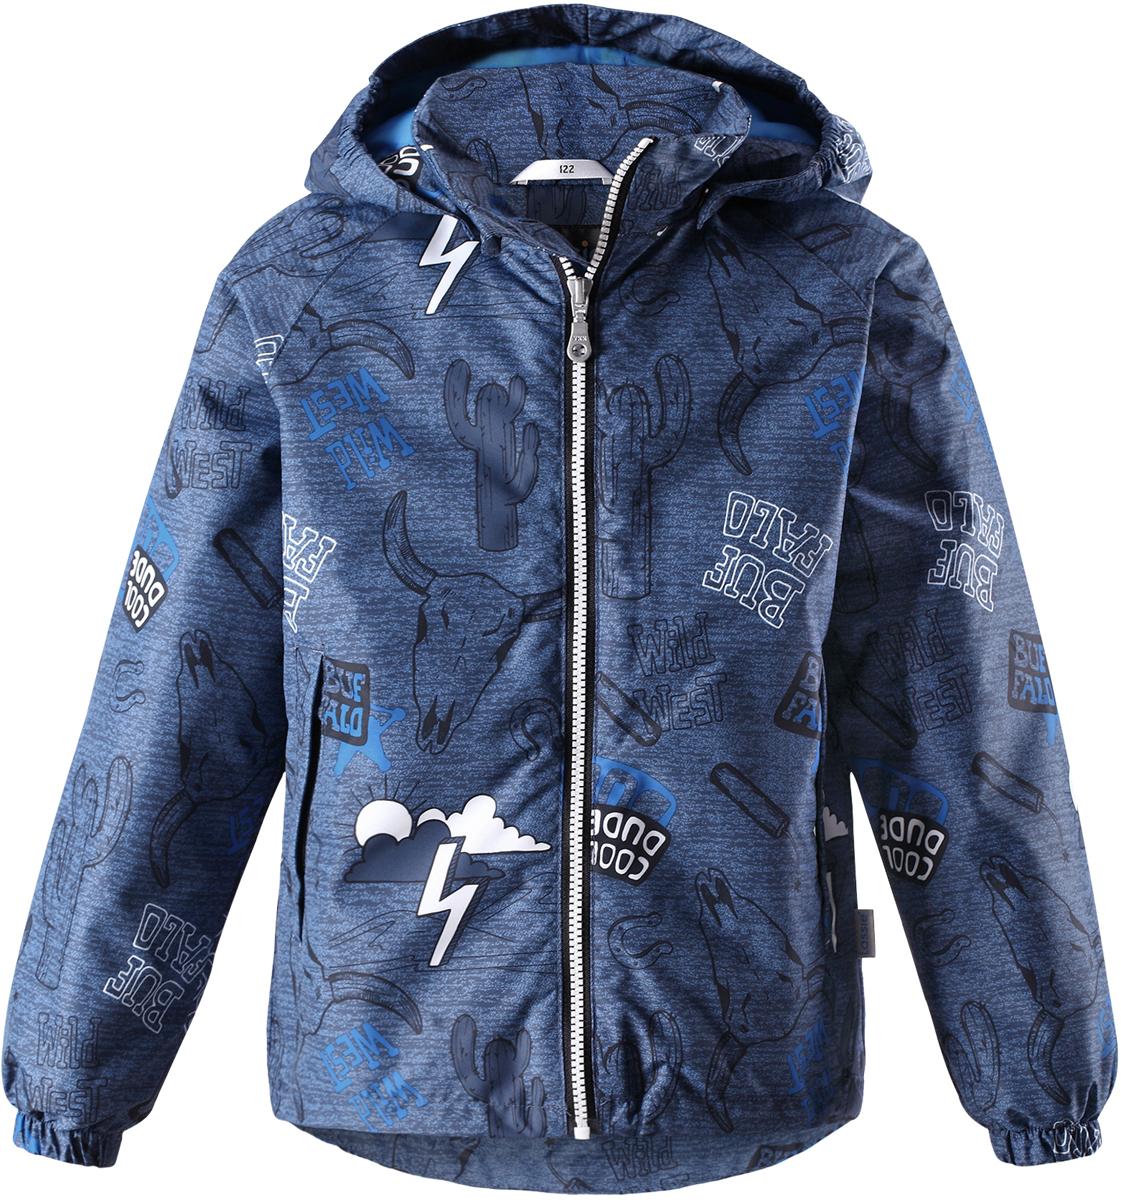 Куртка для мальчика Lassie, цвет: синий. 721725R6611. Размер 128721725R6611Детская куртка Lassie идеально подойдет для ребенка в холодное время года. Куртка изготовлена из водоотталкивающей и ветрозащитной ткани. Материал отличается высокой устойчивостью к трению, благодаря специальной обработке полиуретаном поверхность изделия отталкивает грязь и воду, что облегчает поддержание аккуратного вида одежды, дышащее покрытие с изнаночной части не раздражает даже самую нежную и чувствительную кожу ребенка, обеспечивая ему наибольший комфорт. Куртка застегивается на пластиковую застежку-молнию с защитой подбородка, благодаря чему ее легко надевать и снимать. Края рукавов дополнены неширокими эластичными манжетами. Также модель дополнена светоотражающими элементами для безопасности в темное время суток. Все швы проклеены, не пропускают влагу и ветер.